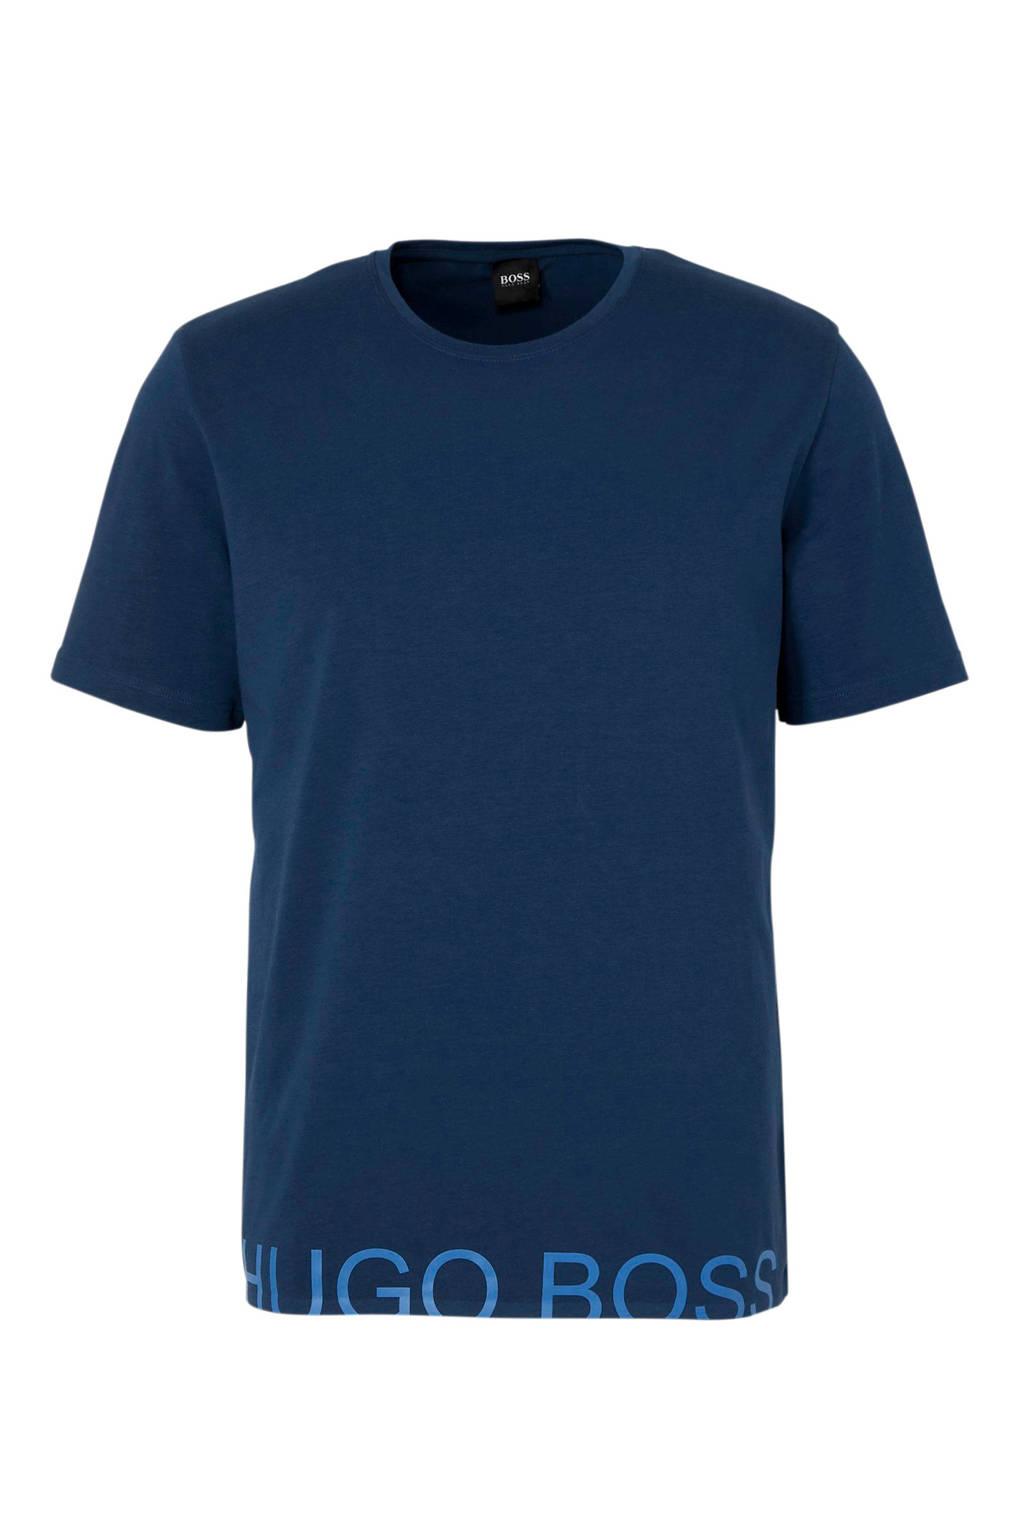 Boss T-shirt blauw, Blauw